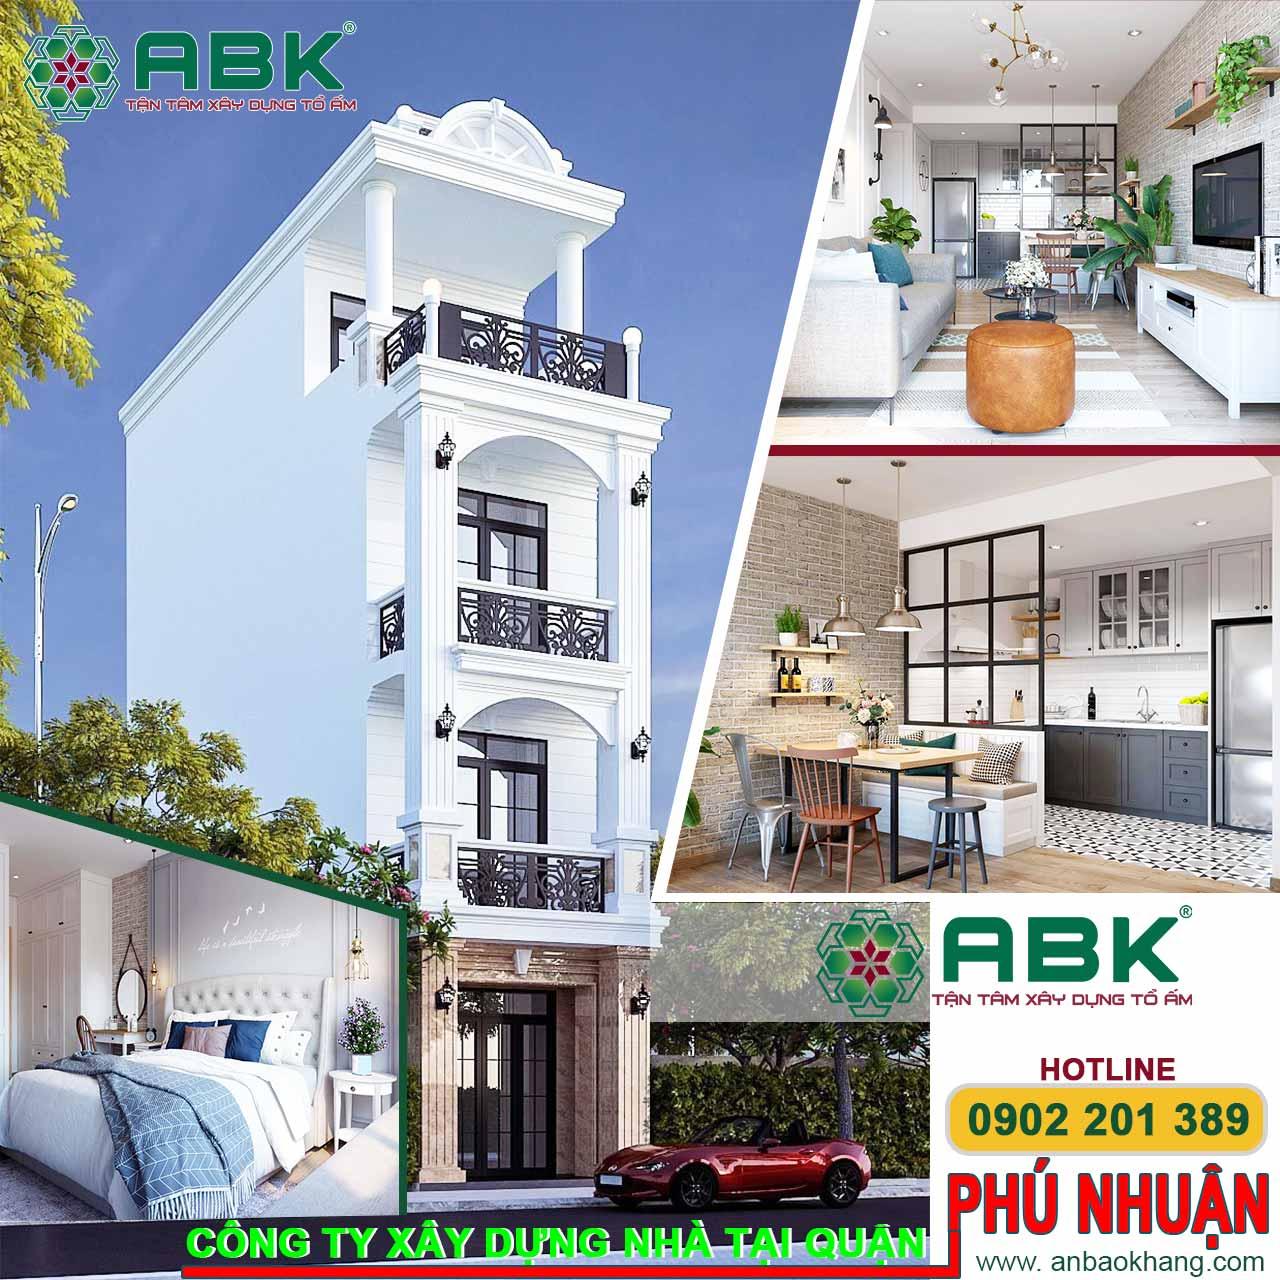 Công ty thiết kế xây dựng nhà quận Phú Nhuận